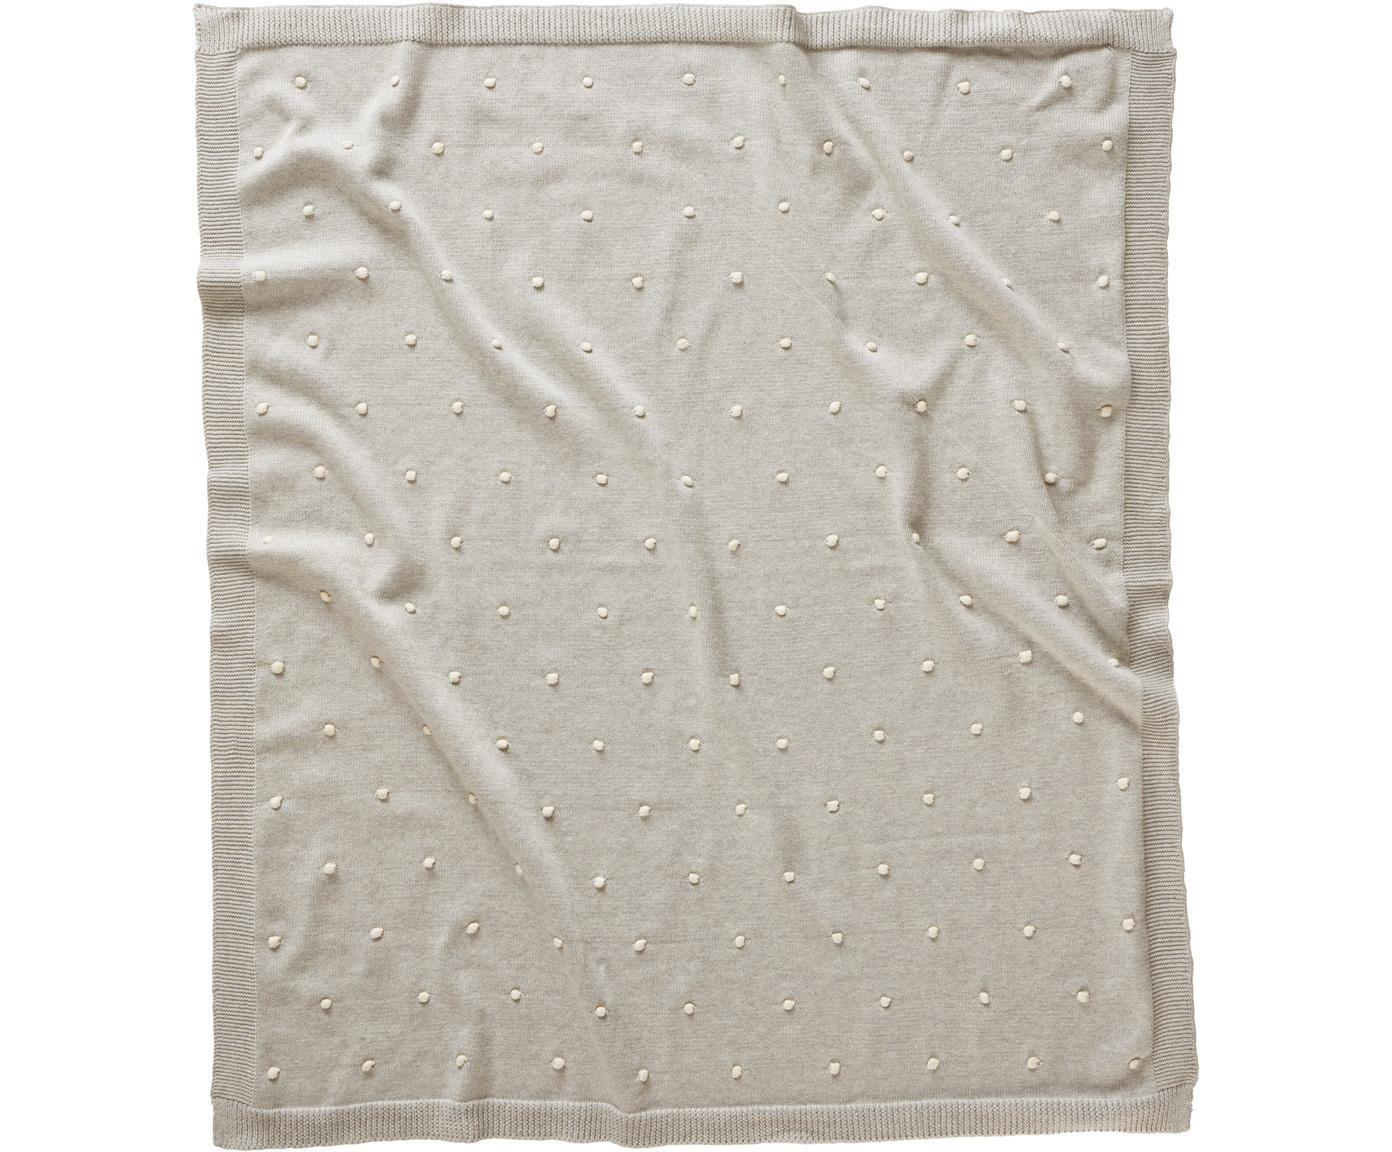 Baby-Kuscheldecke Alessia aus Bio-Baumwolle, 100% Bio-Baumwolle, Beige, 80 x 100 cm